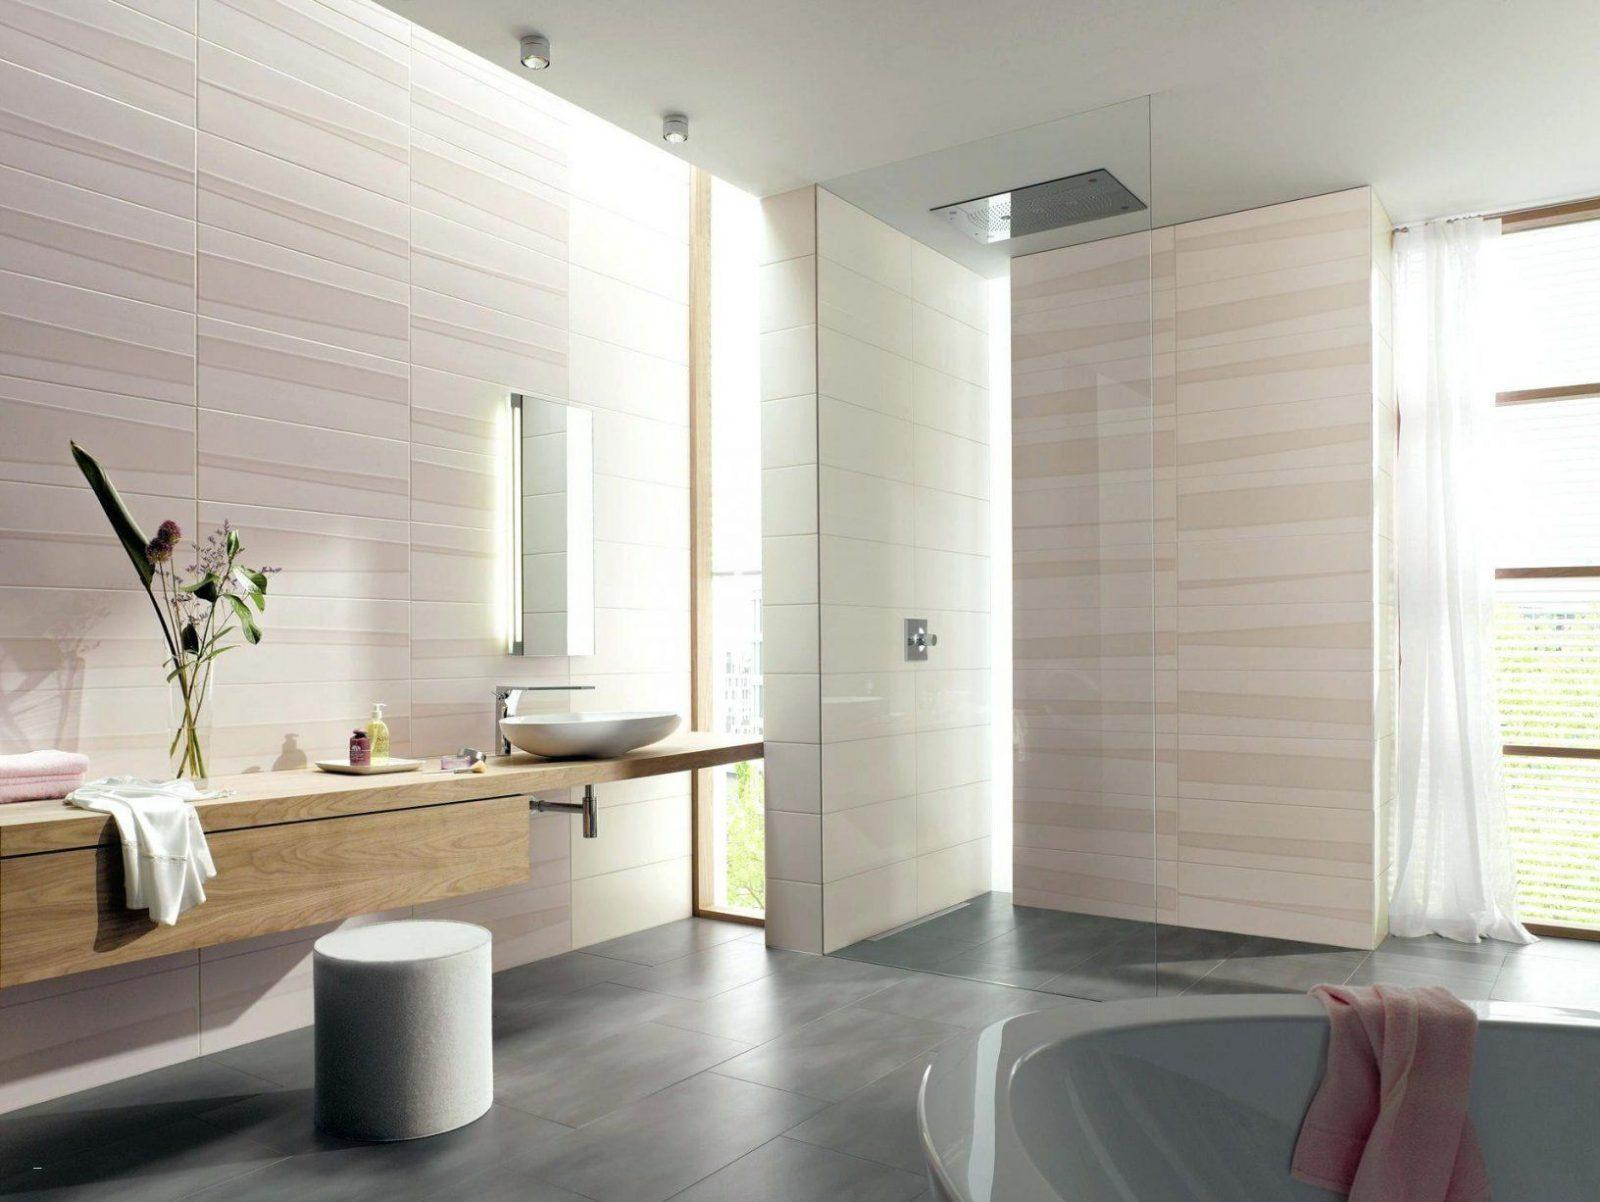 Badezimmer Dachschräge Planen Stilvoll Rainylehrman – Rainylehrman von Badezimmer Dachschräge Planen Bild